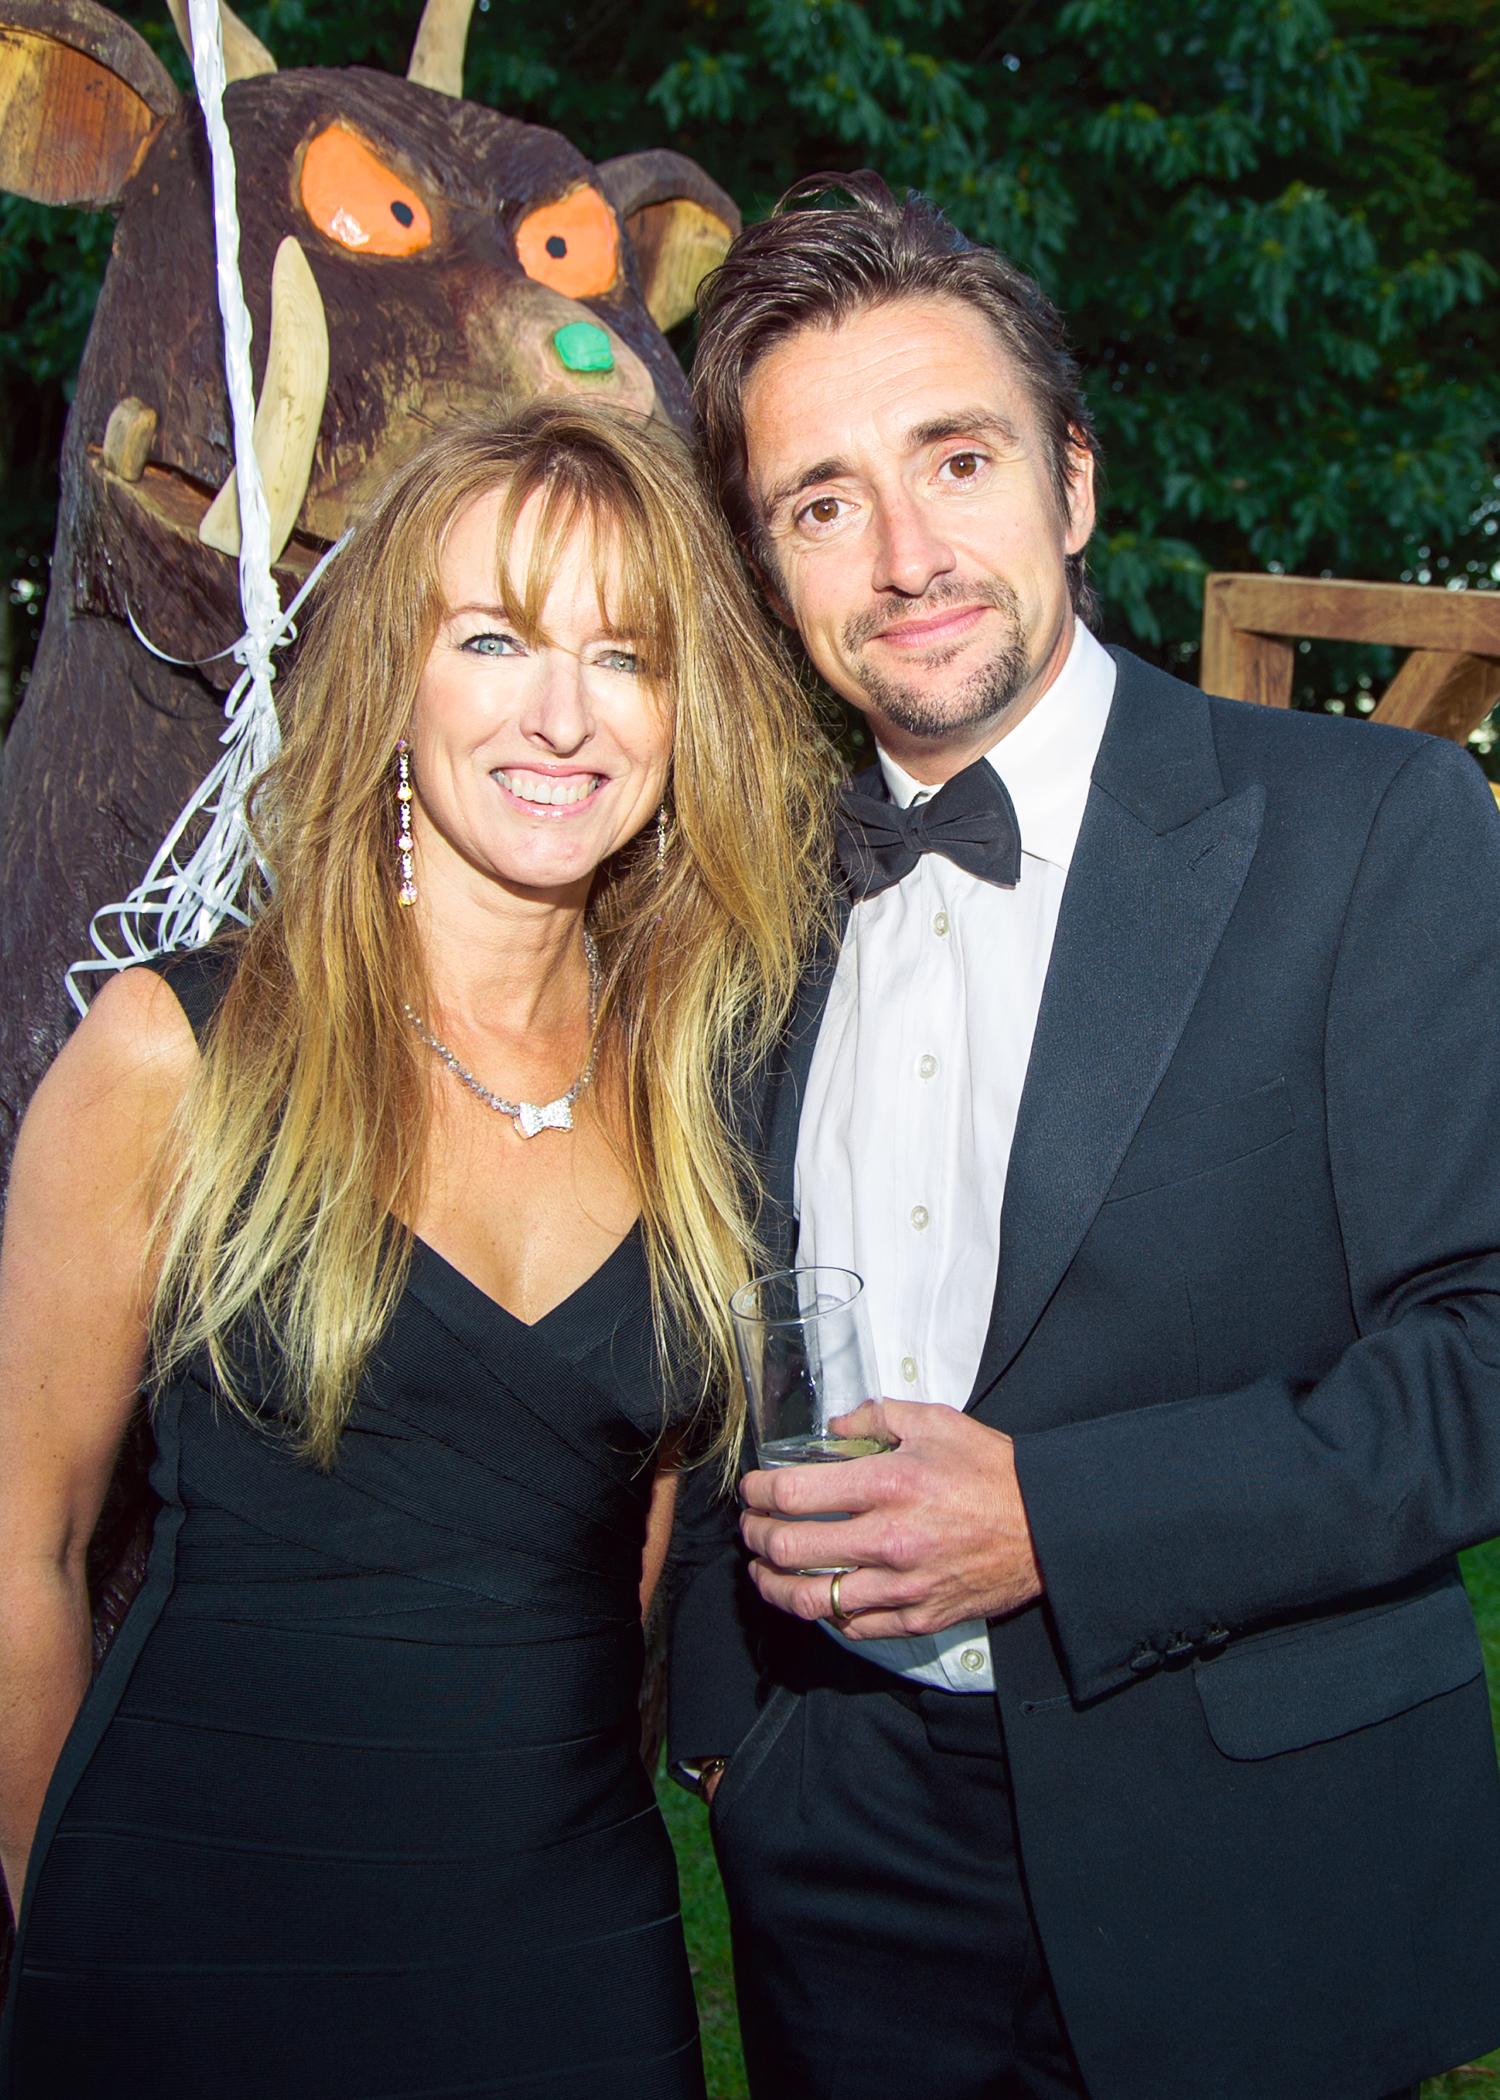 Richard Hammond and Mindy